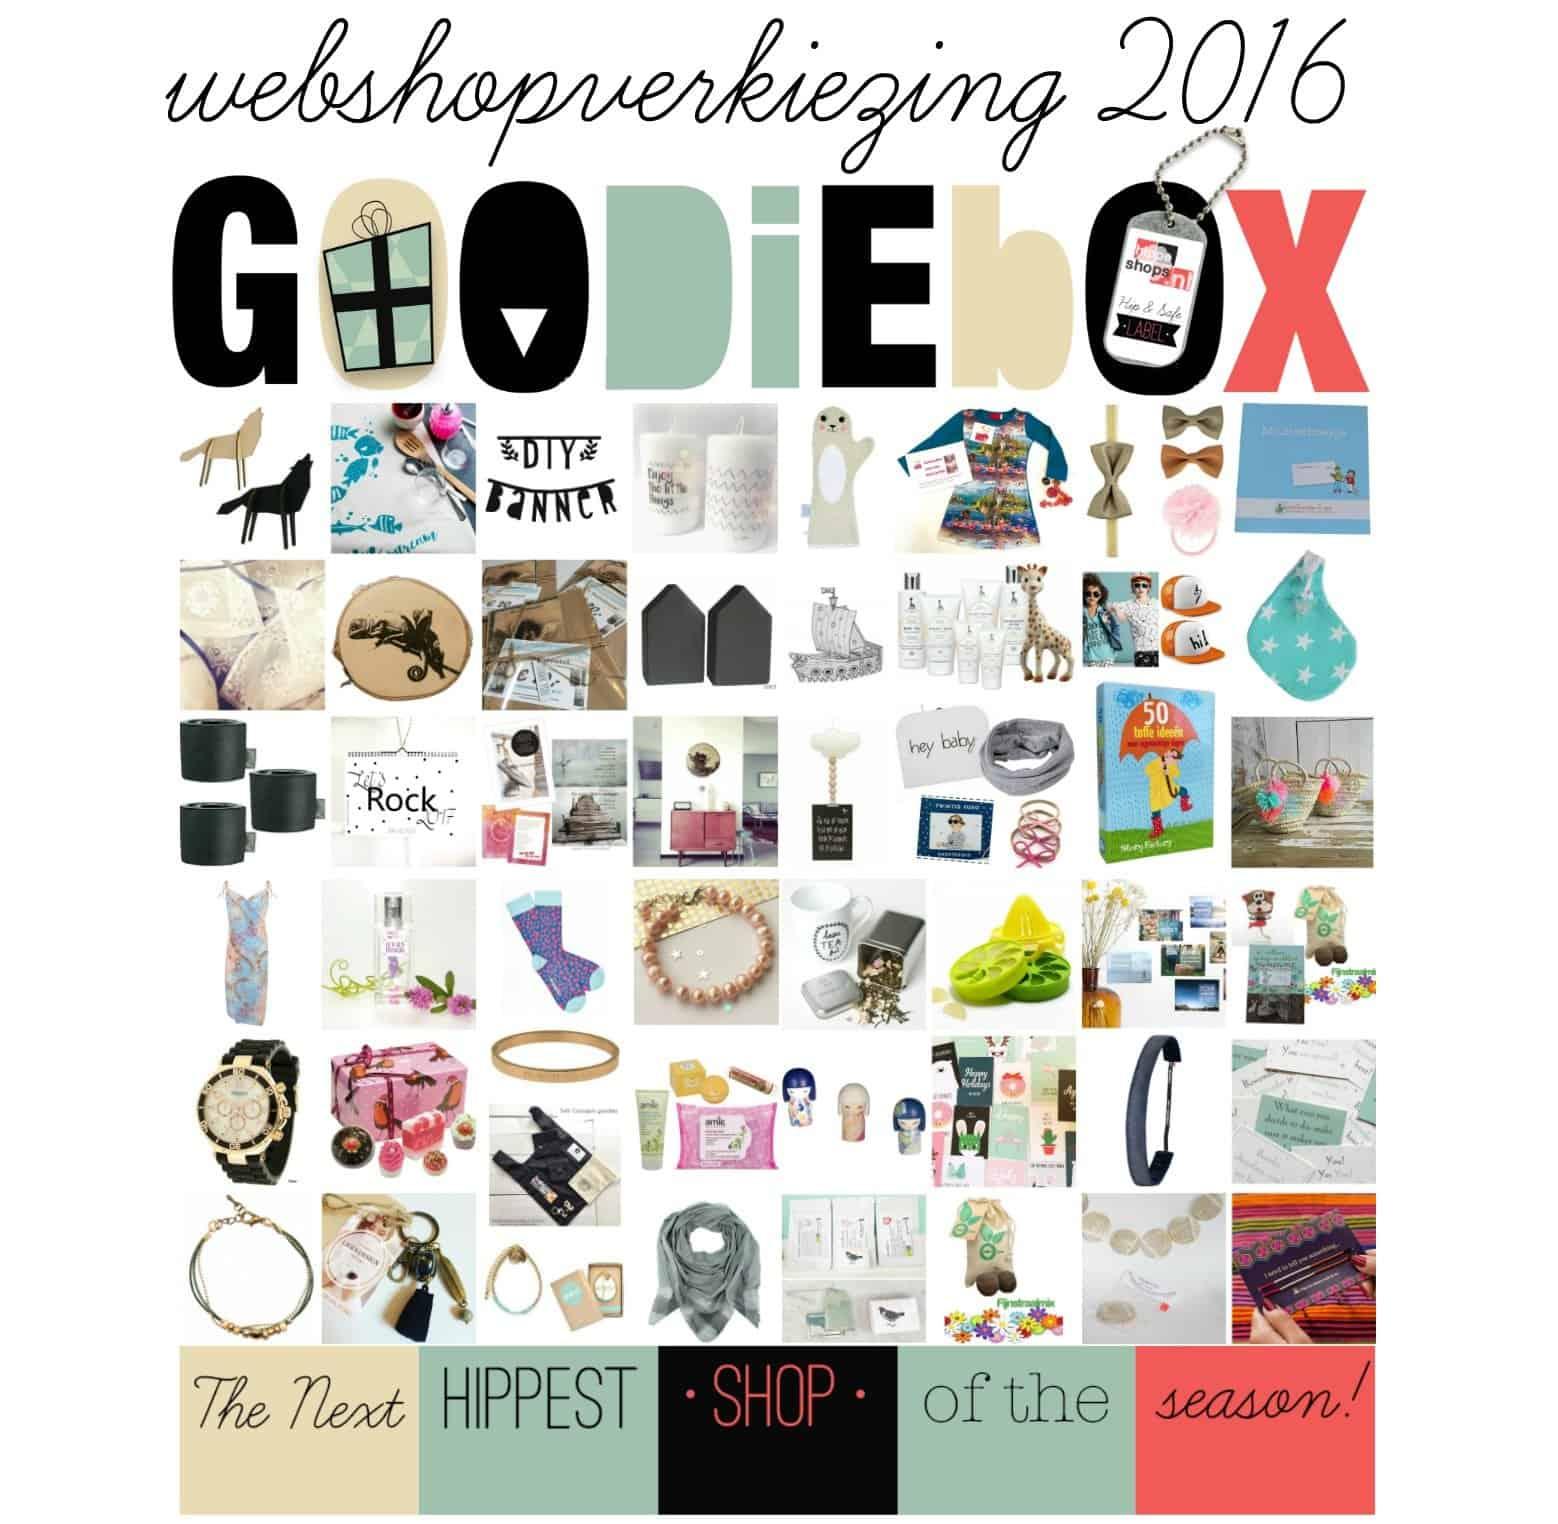 Strijd om de Next Hippest Shop 2016 Webshopverkiezing barst los